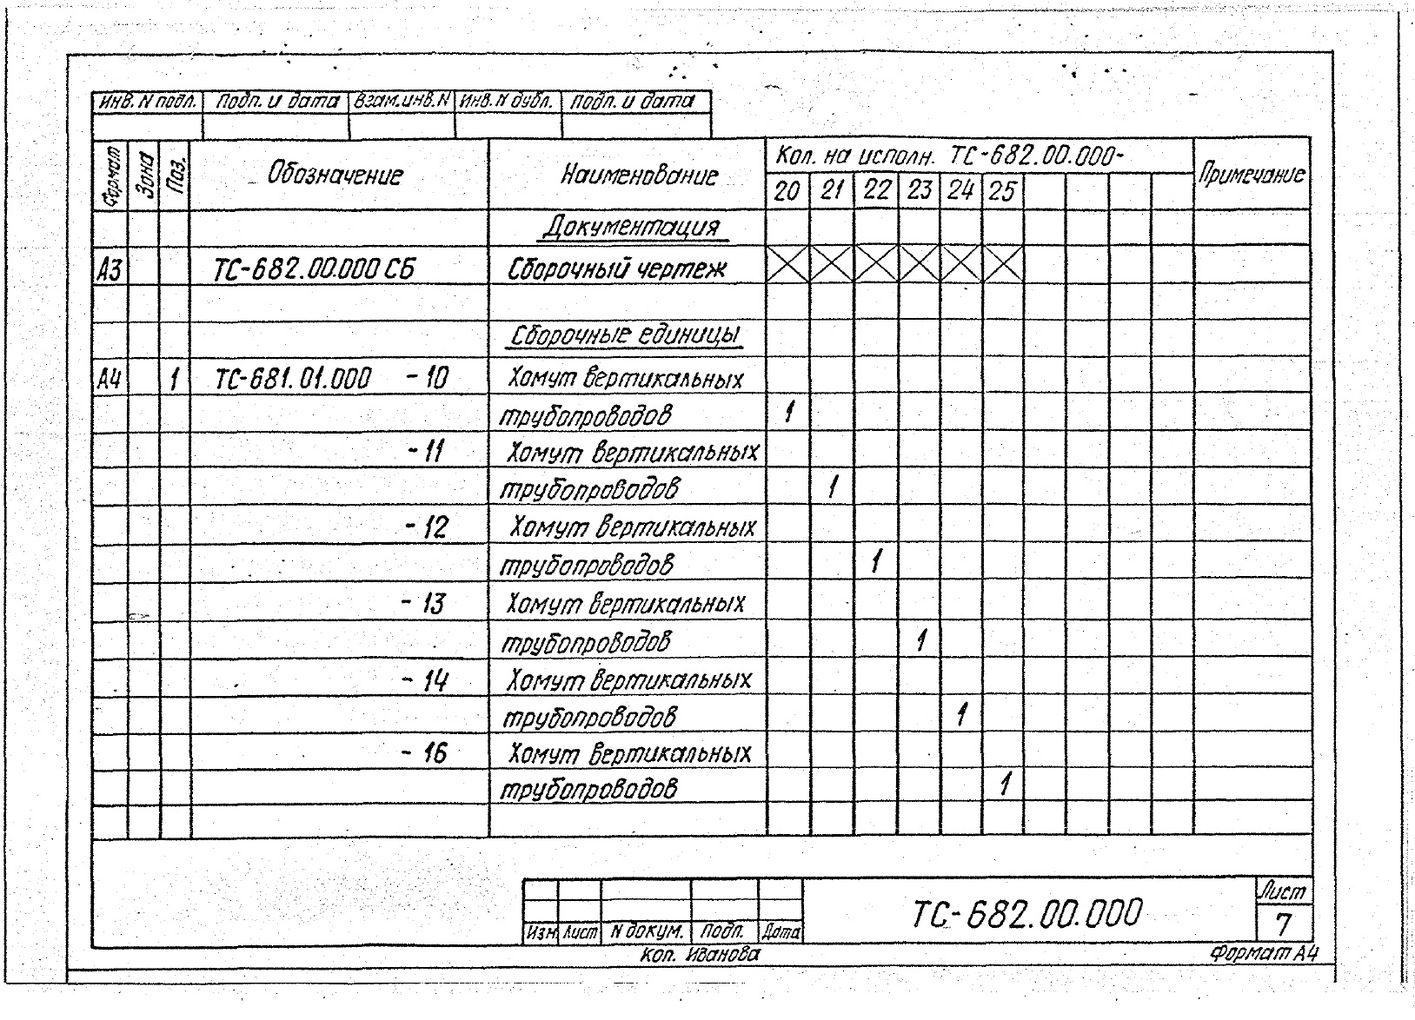 Подвески жесткие для вертикальных трубопроводов Дн 57-630 мм ТС-682.00.000 СБ серия 5.903-13 выпуск 6-95 стр.9